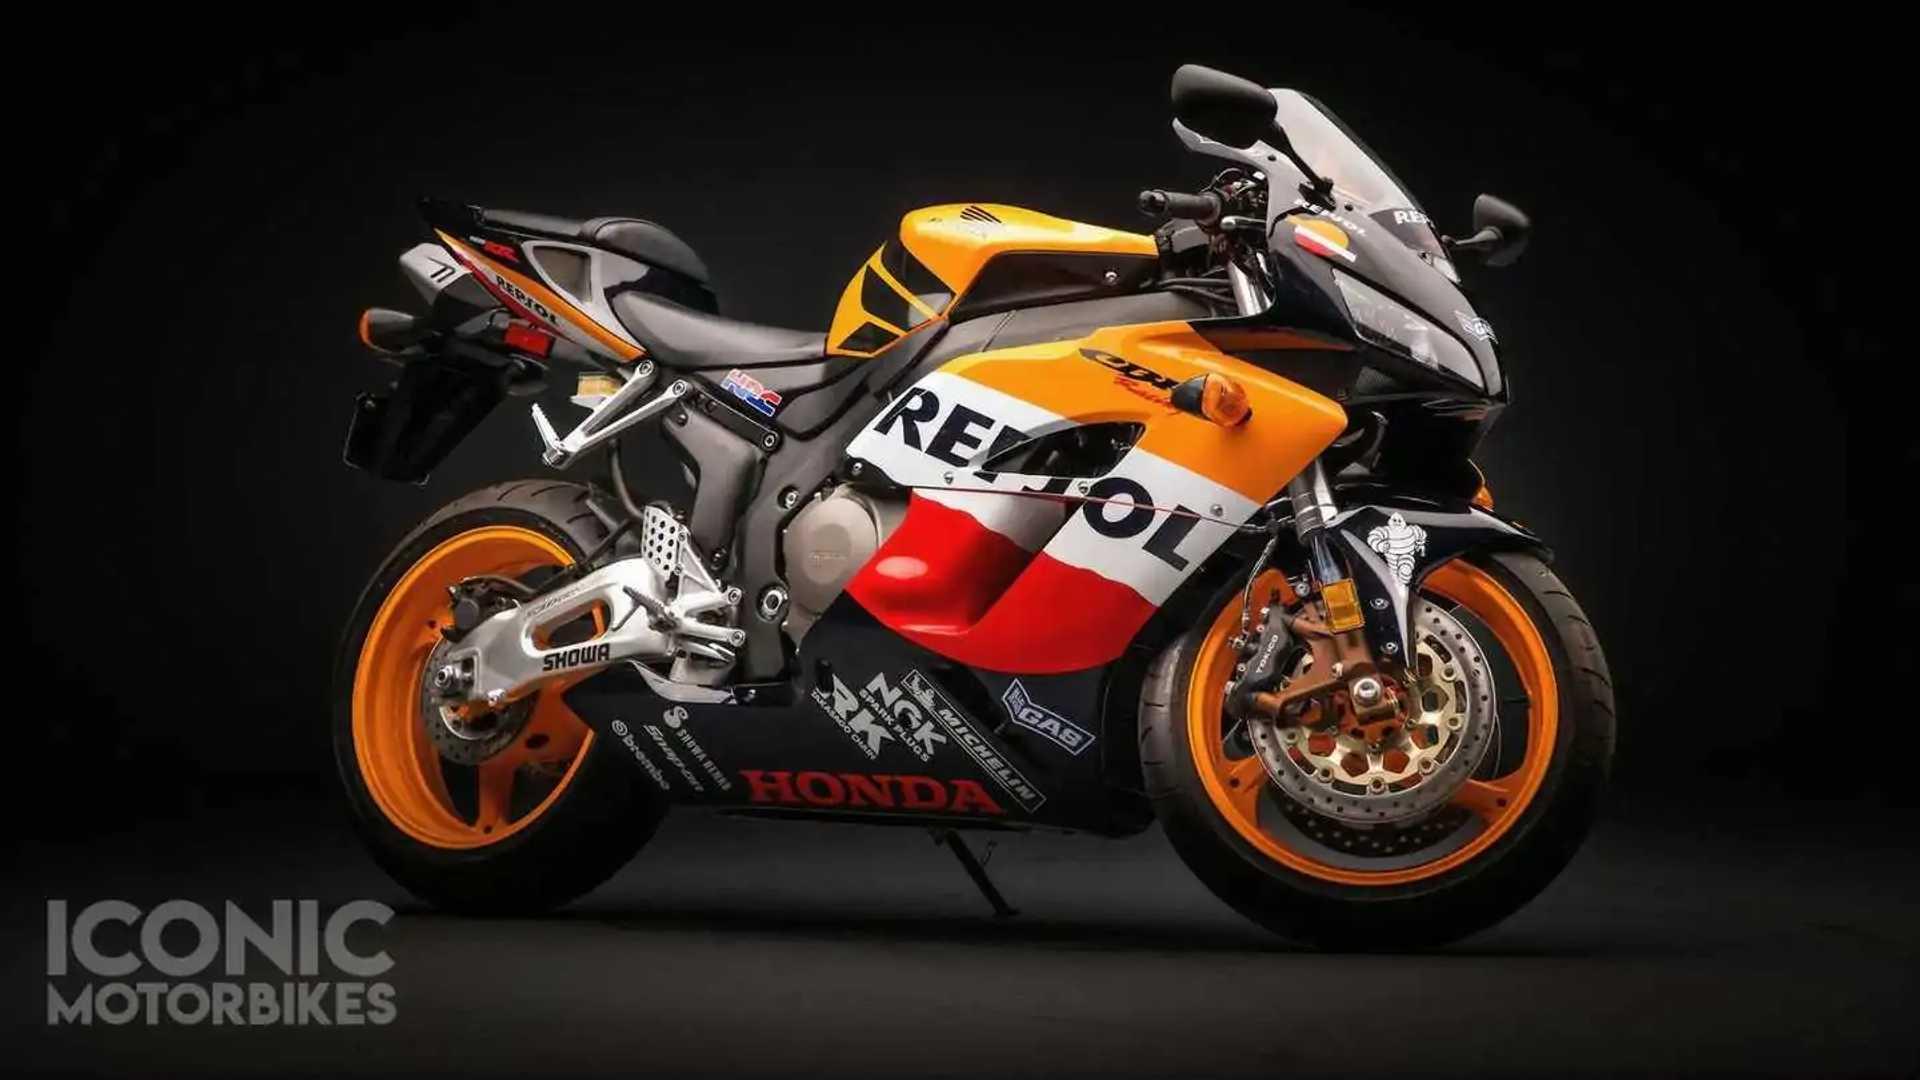 2005 Honda CBR1000RR Repsol Edition - Right Side